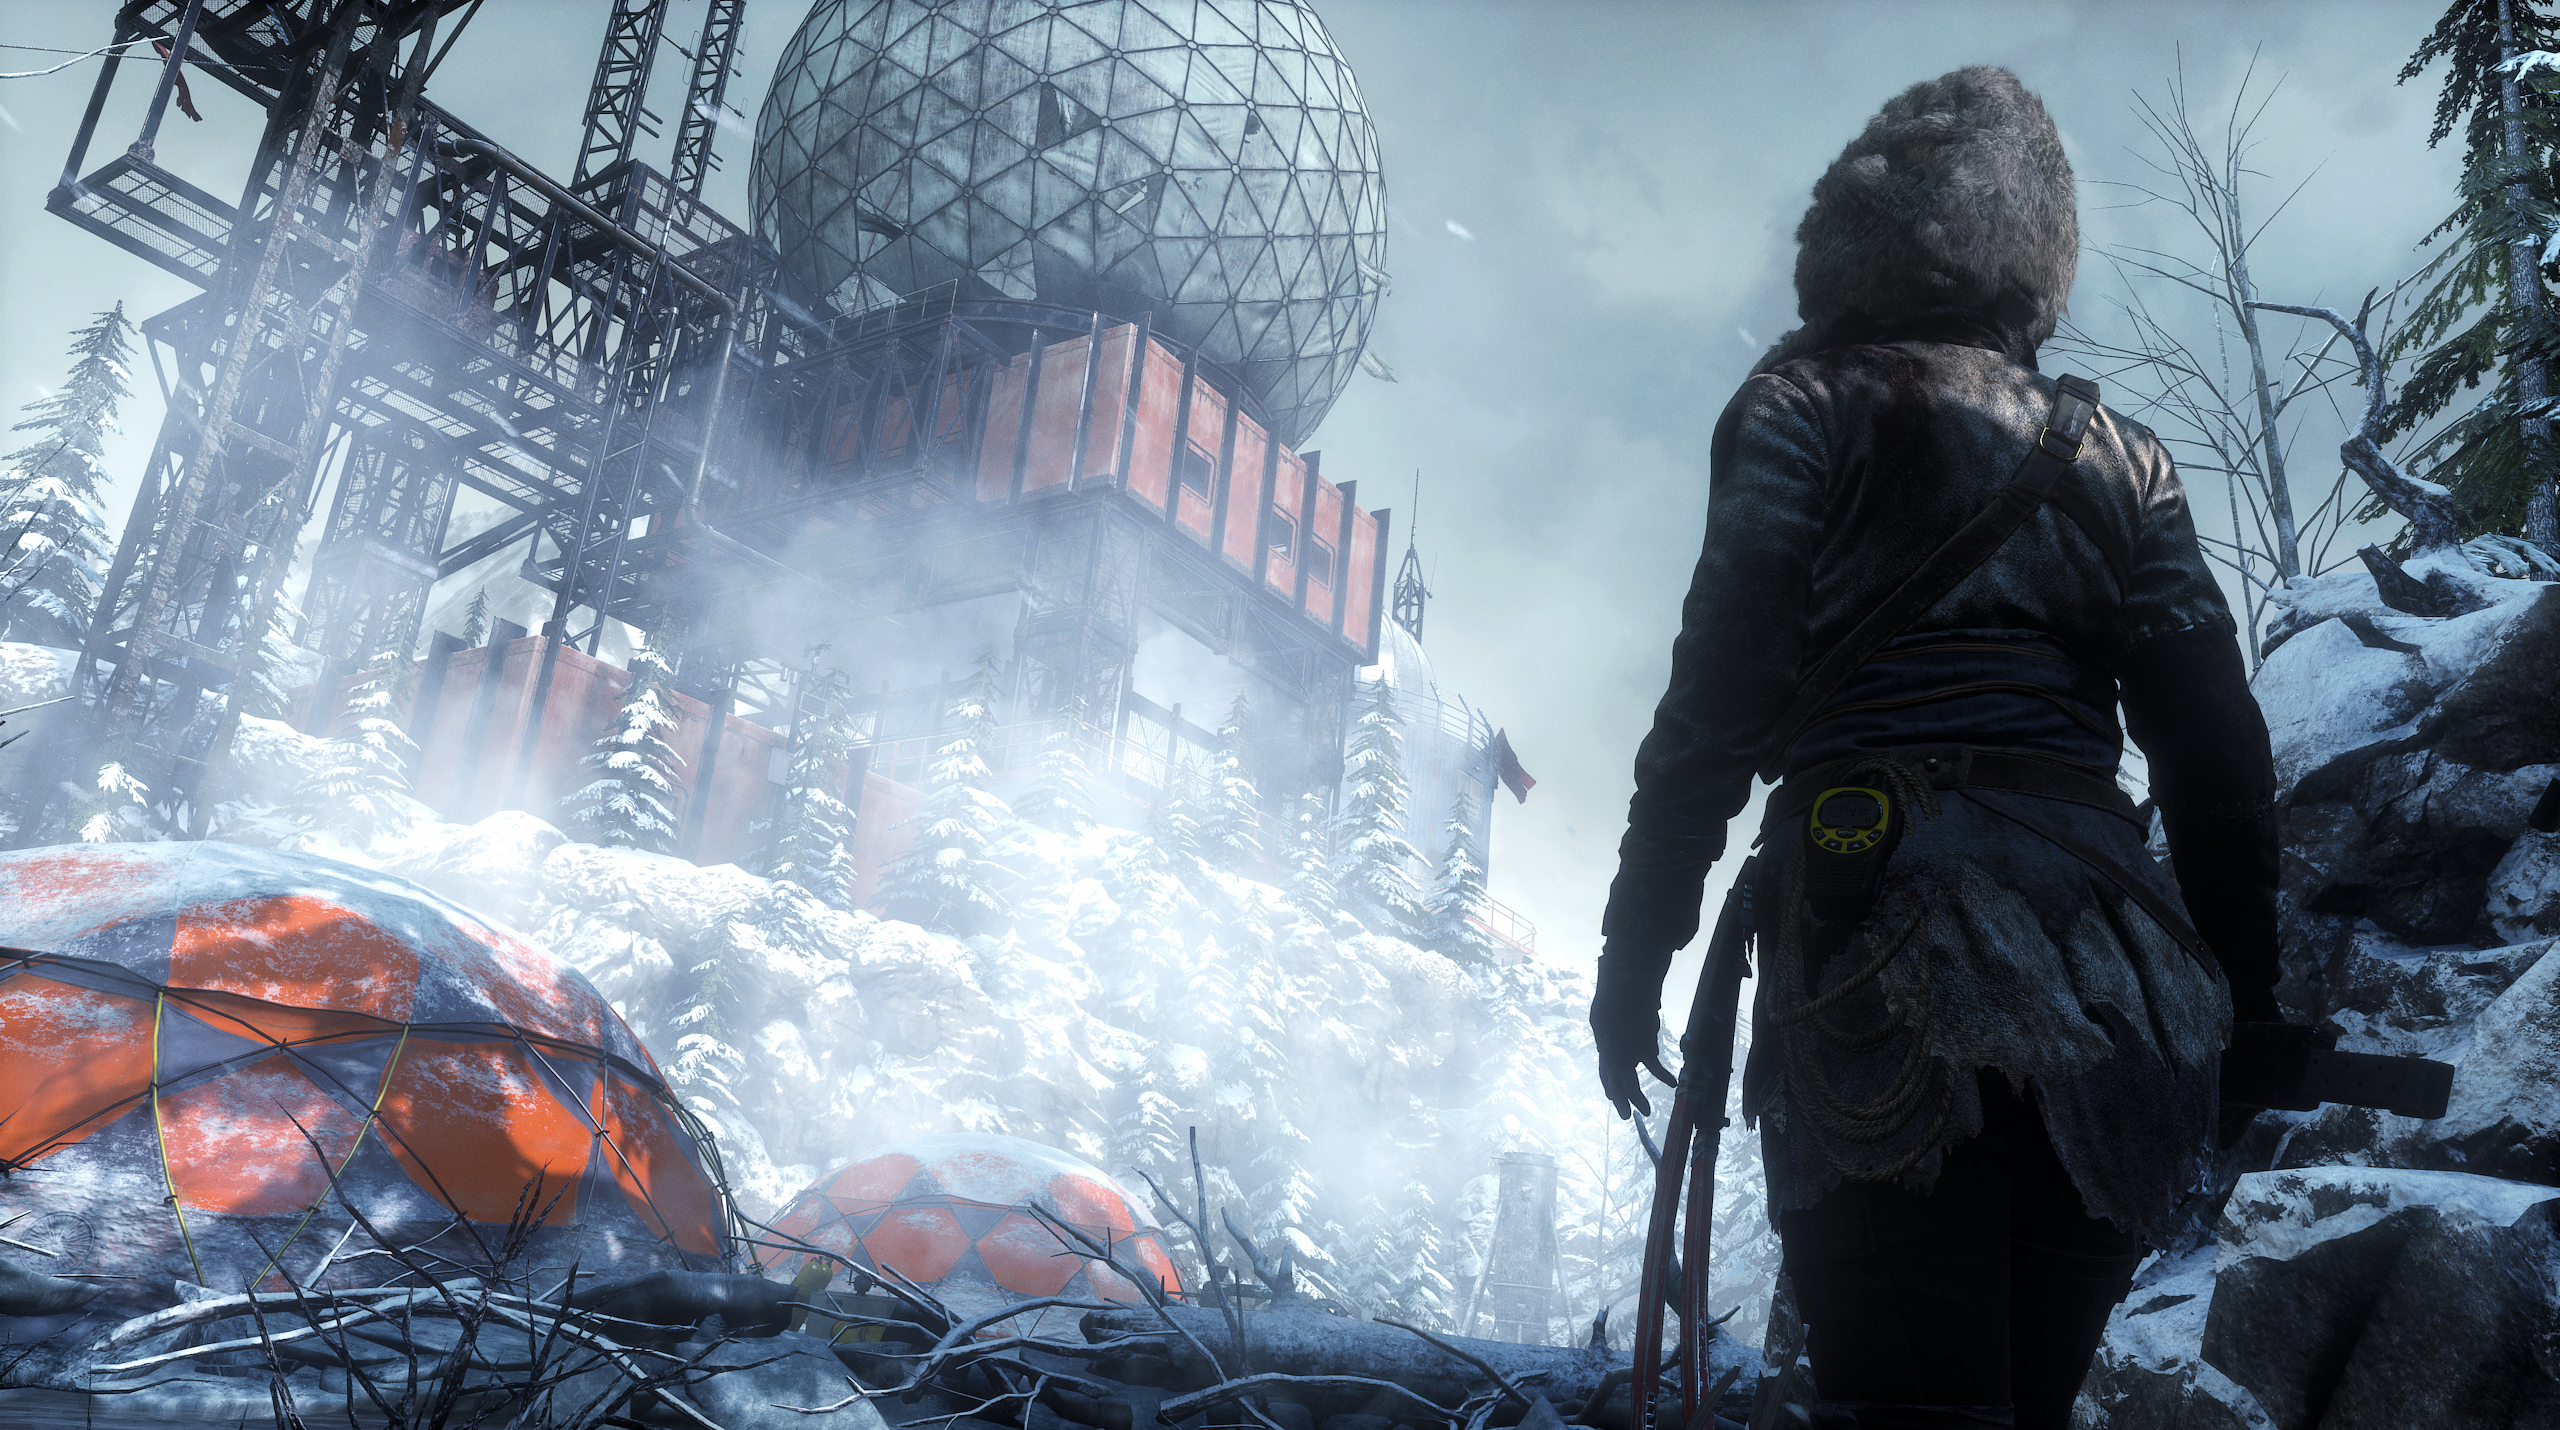 Obrázky z Rise of the Tomb Raider před vydáním PS4 verze 131622